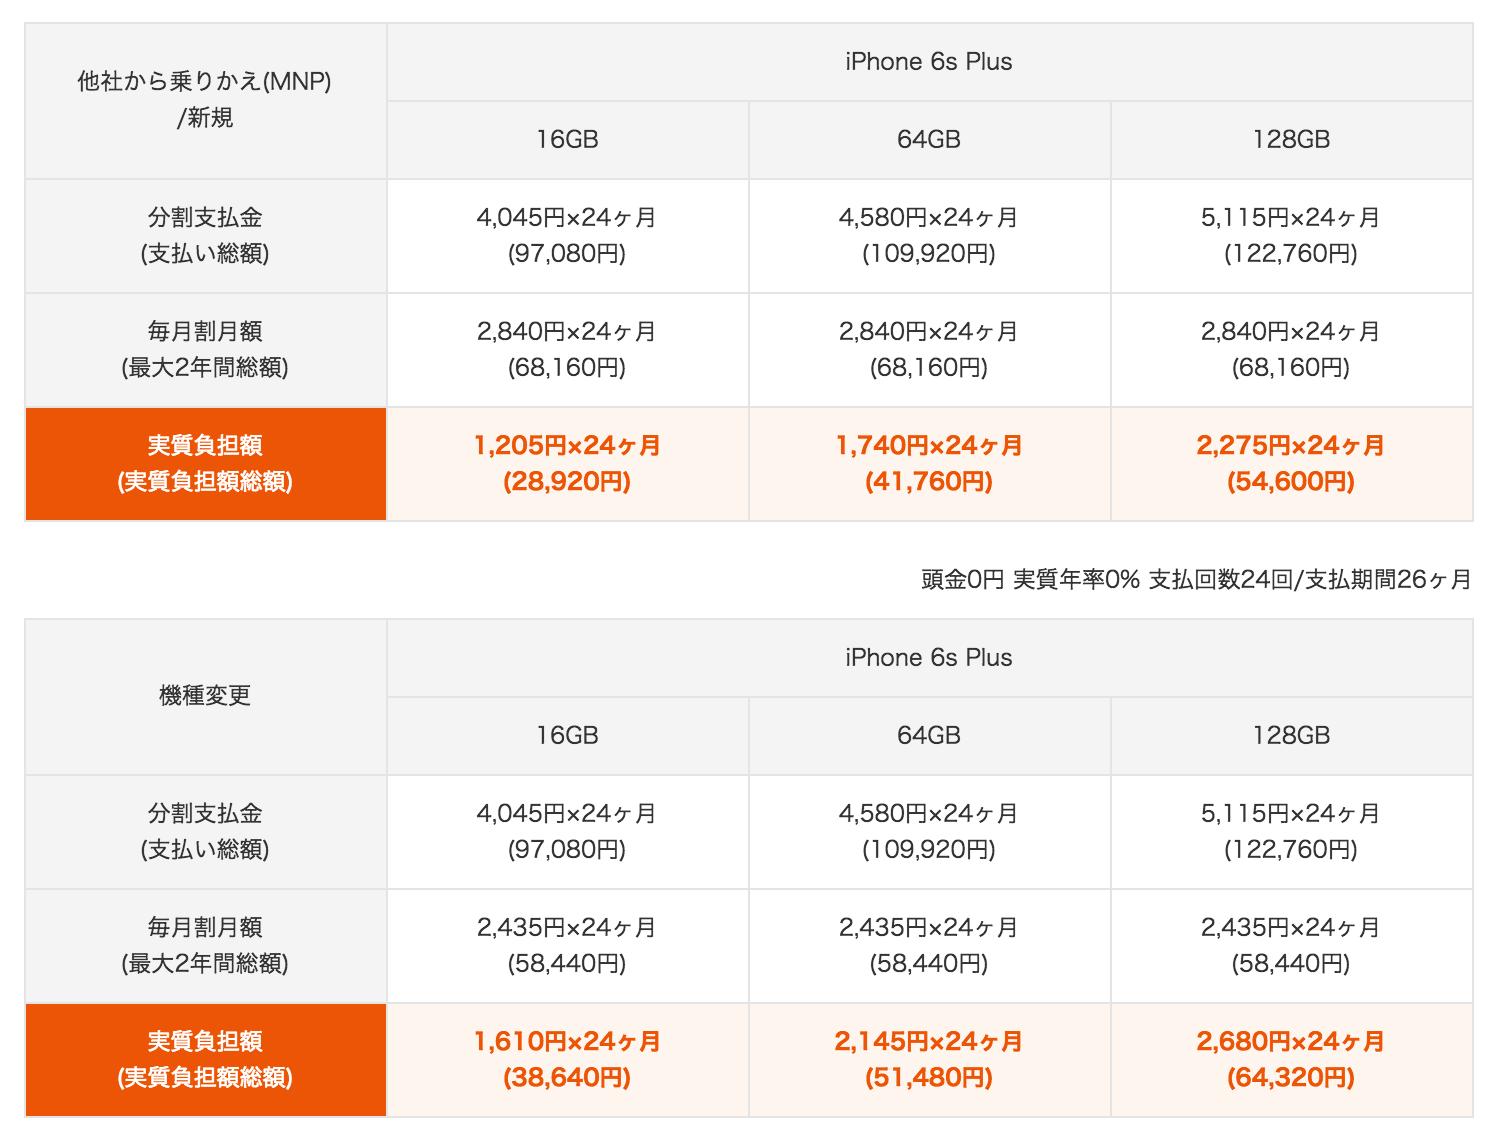 au(KDDI)のiPhone 6s・6s Plusの料金